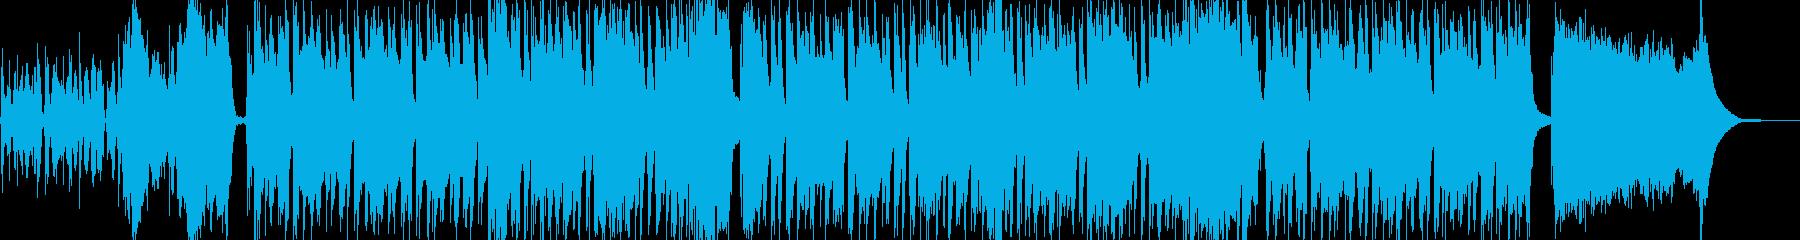 ベースがリードの珍しいシャッフルインストの再生済みの波形